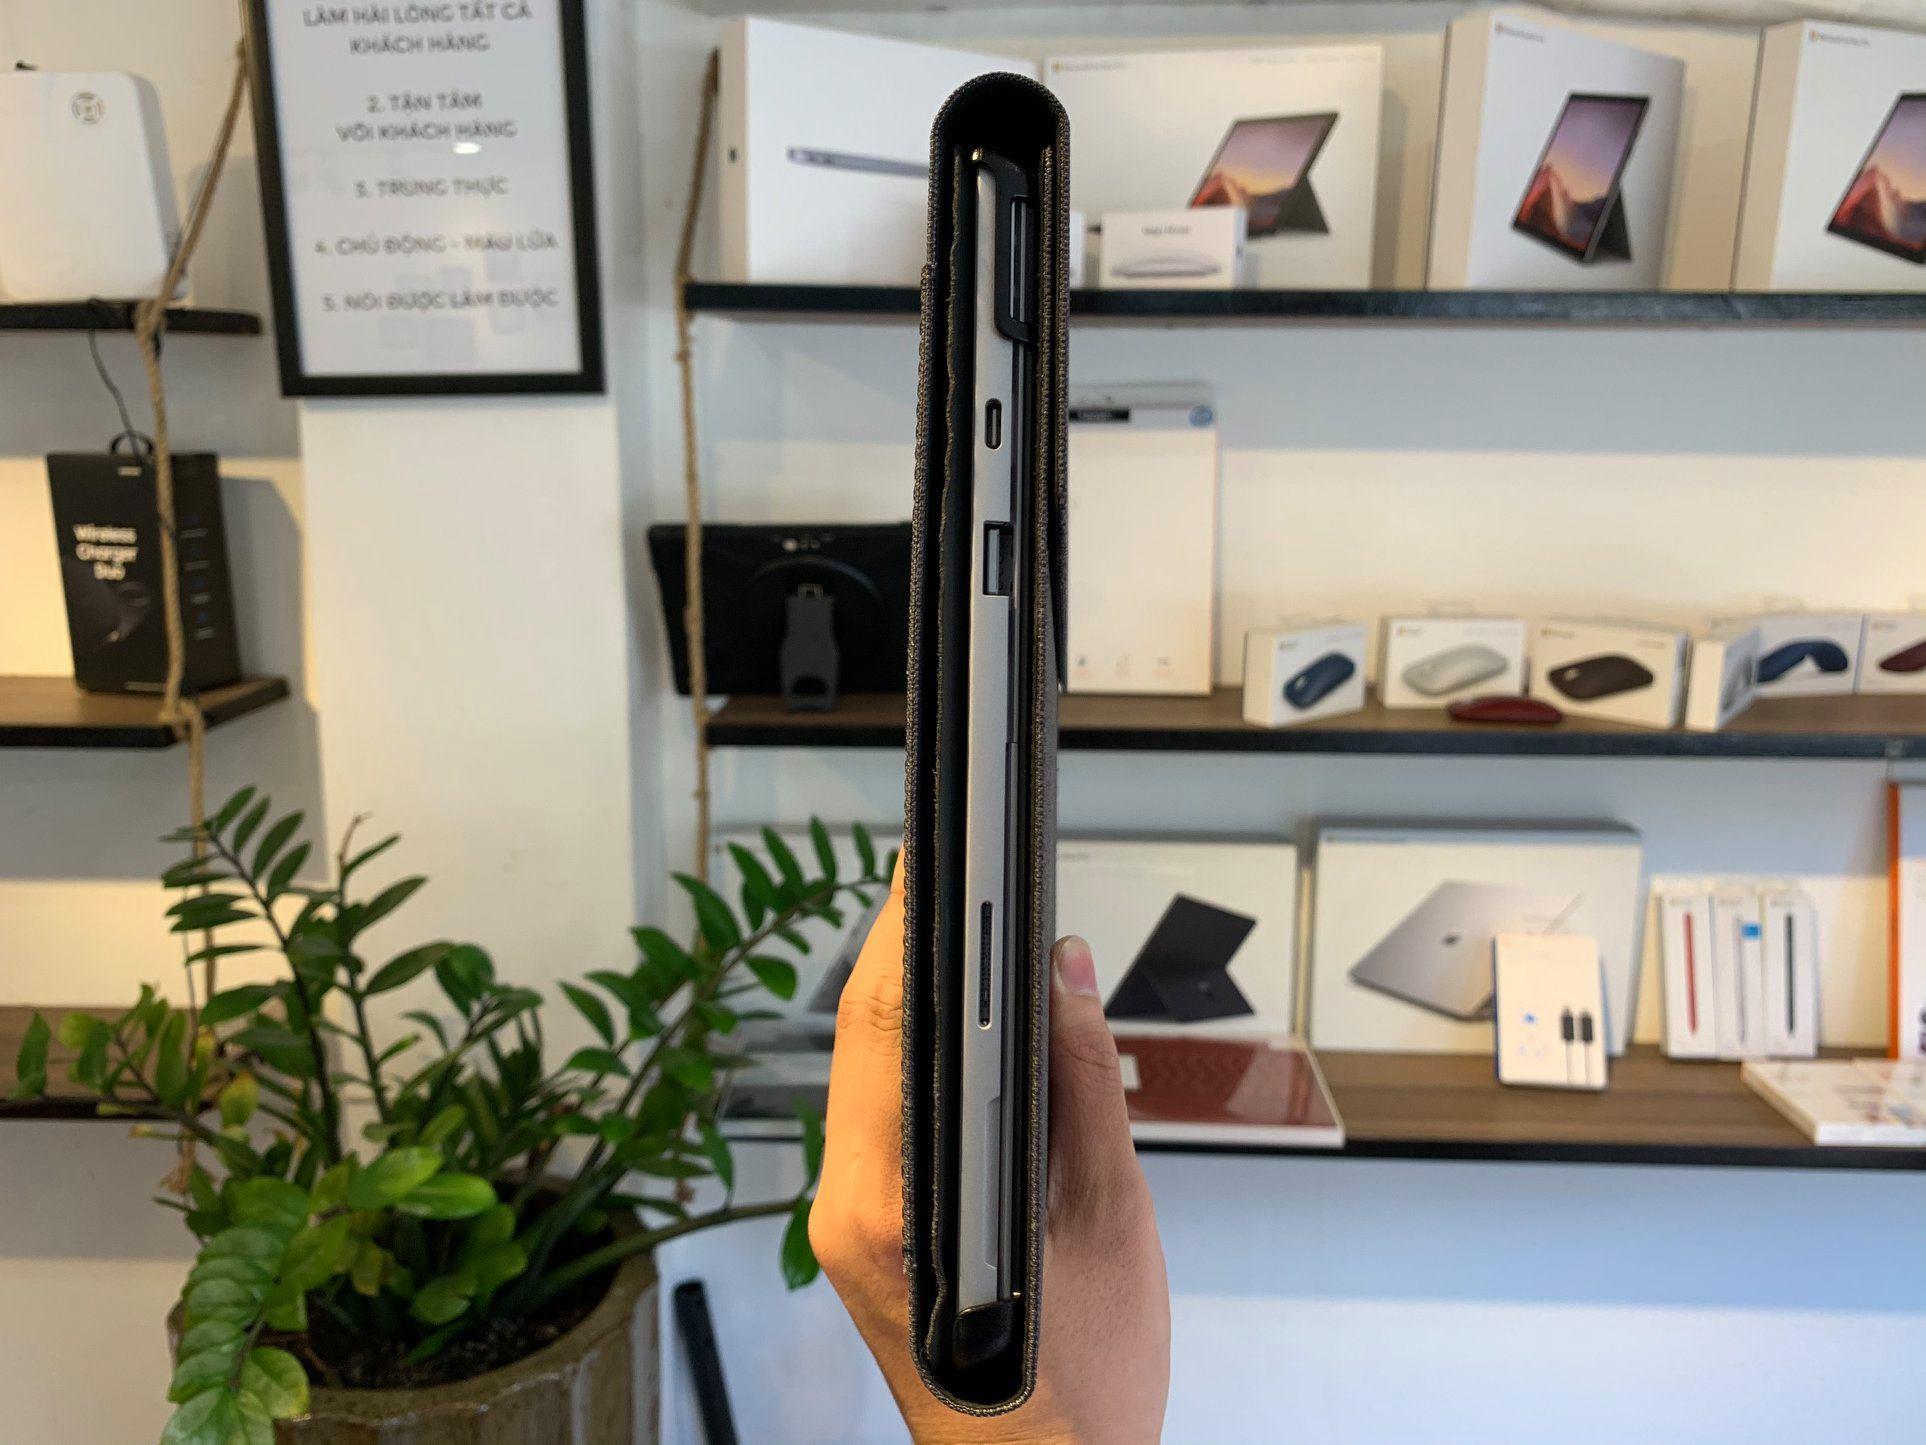 Ốp lưng Spigen Surface Pro Stand Folio - Hàng chính hãng 25